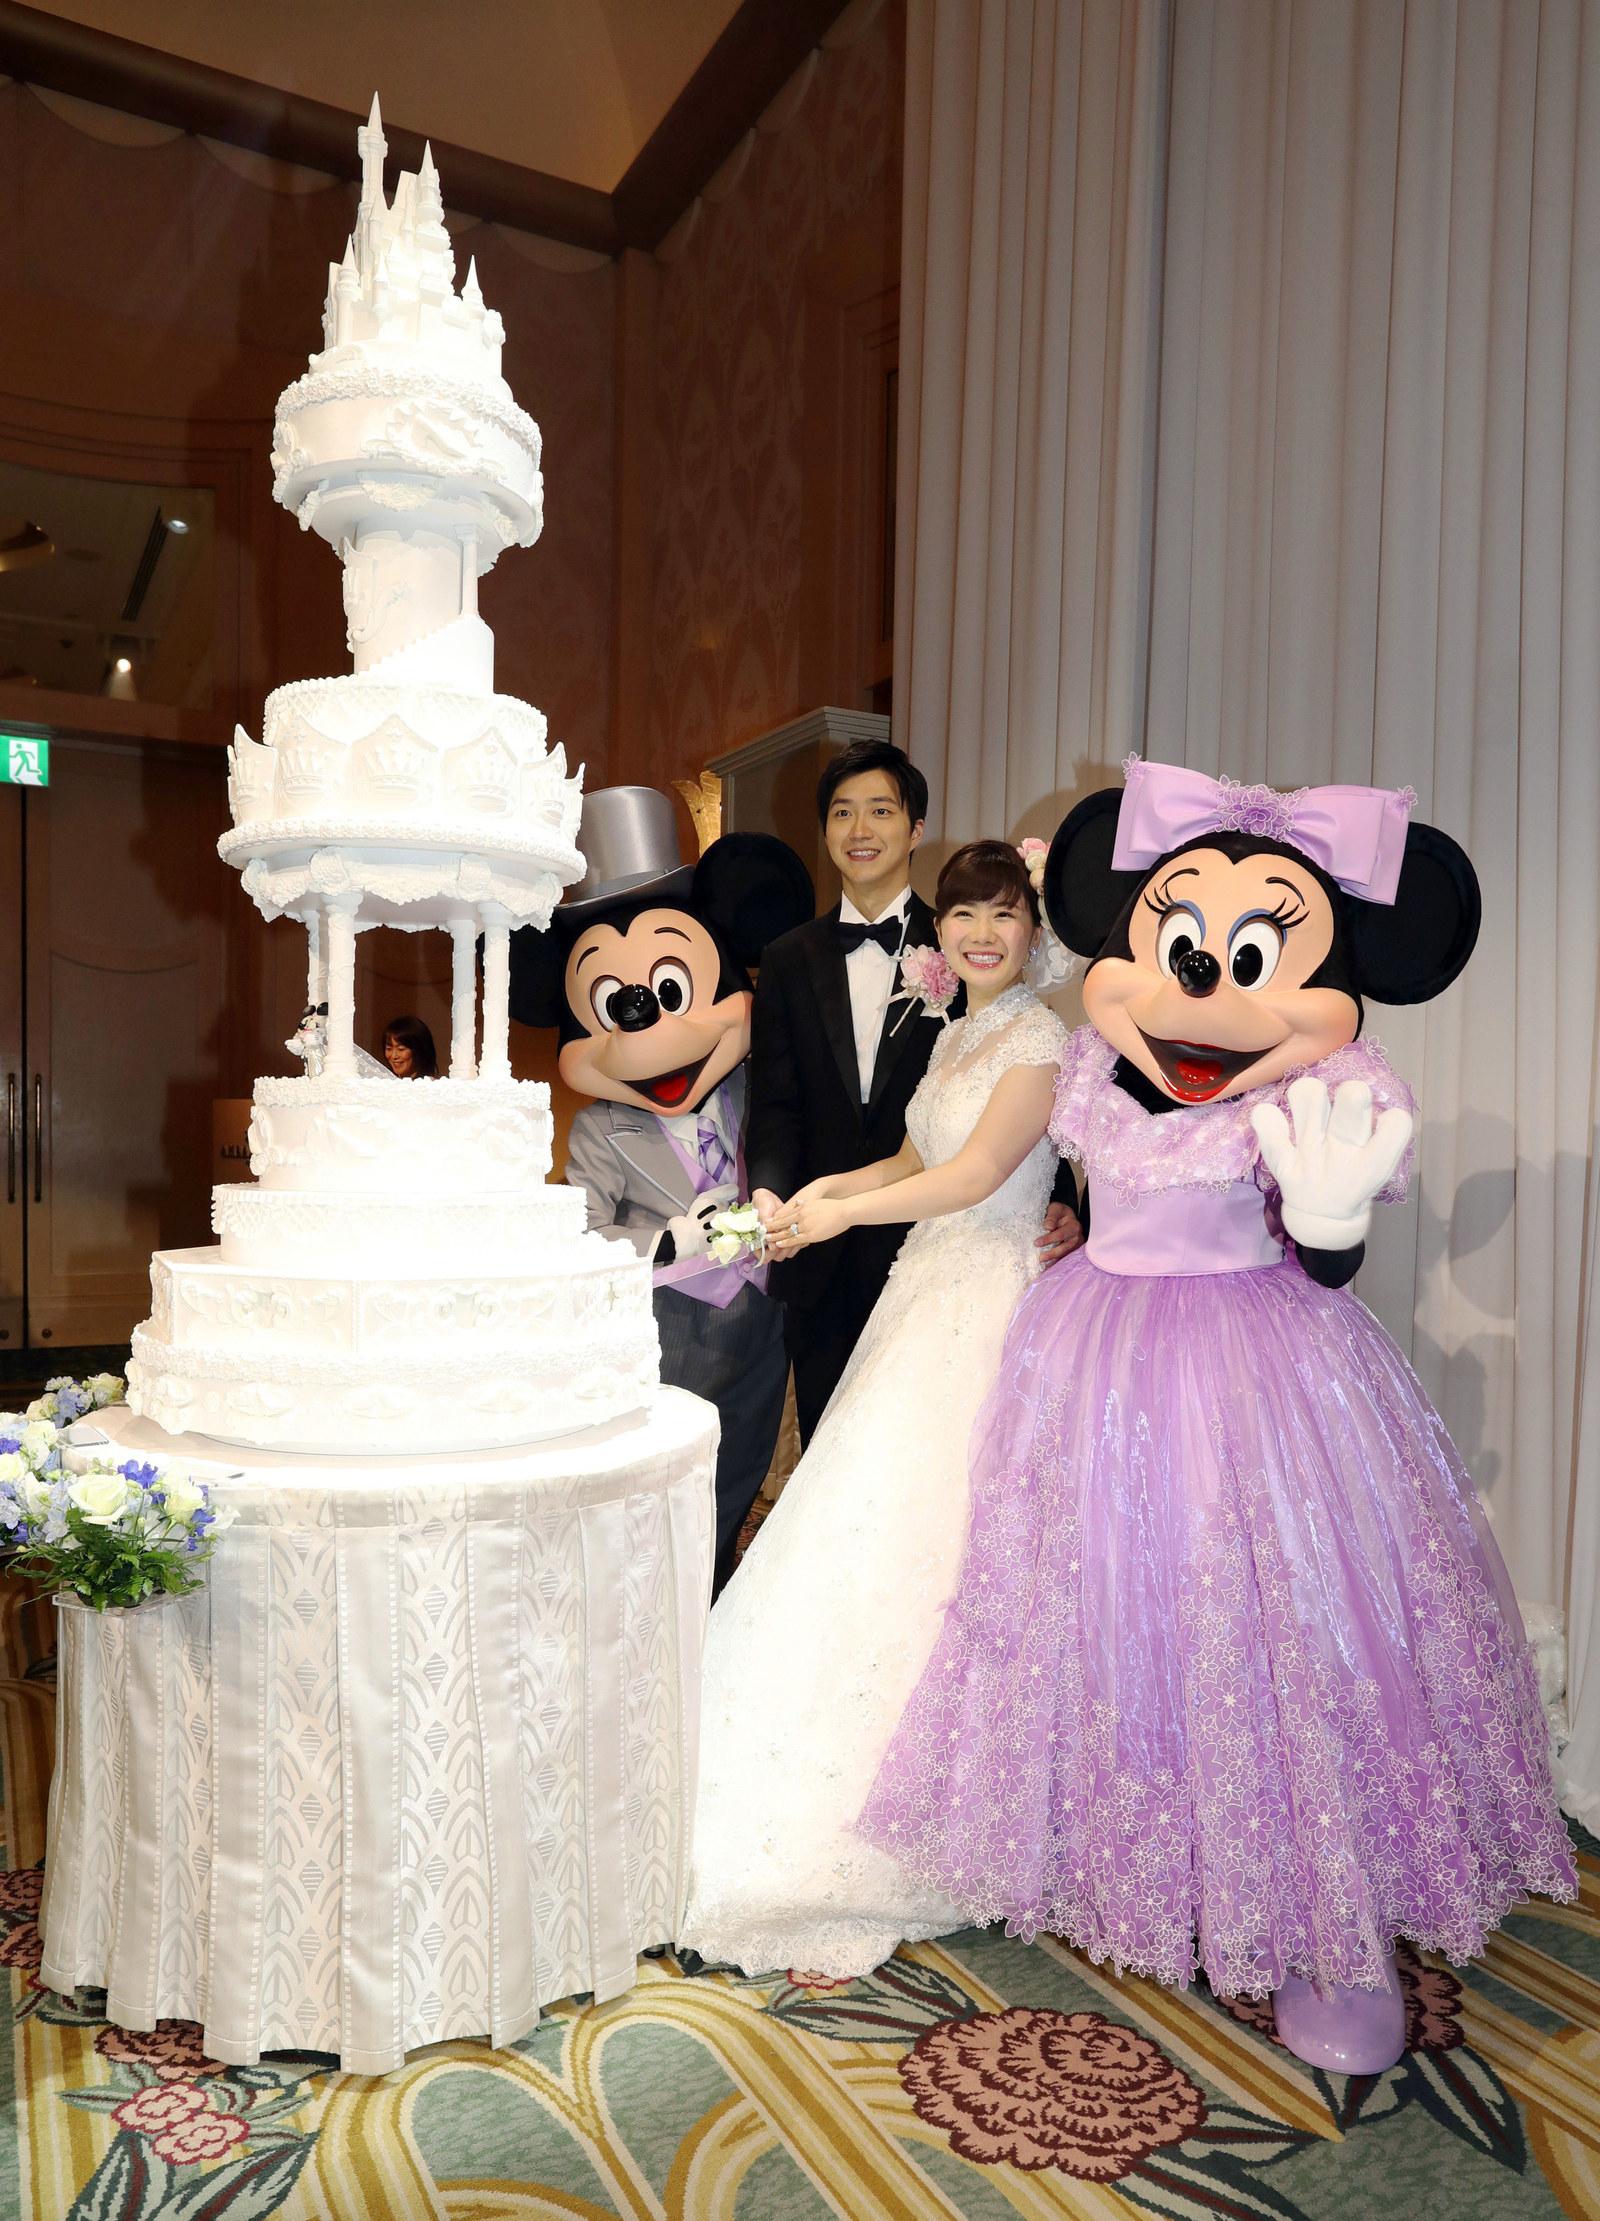 また幸せそうな福原愛さんの姿 でも なんで何度も結婚写真を撮ってるの